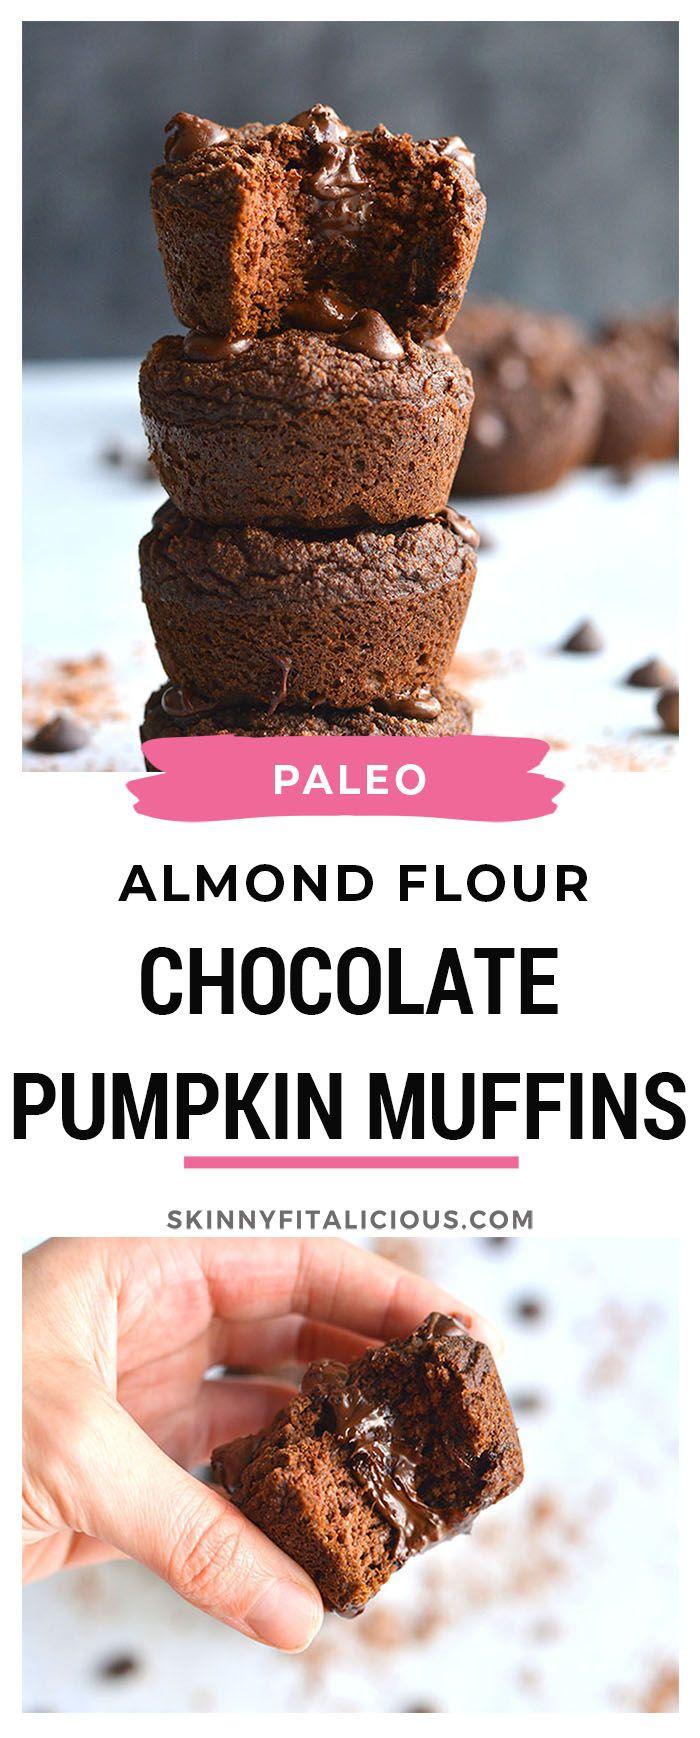 Chocolate Pumpkin Almond Flour Muffins! #Paleo #dairyfree #grainfree #eggfree #pumpkin #chocolate #muffin #healthy #lowcalorie #glutenfree #skinnyfitalicious #pumpkinmuffins